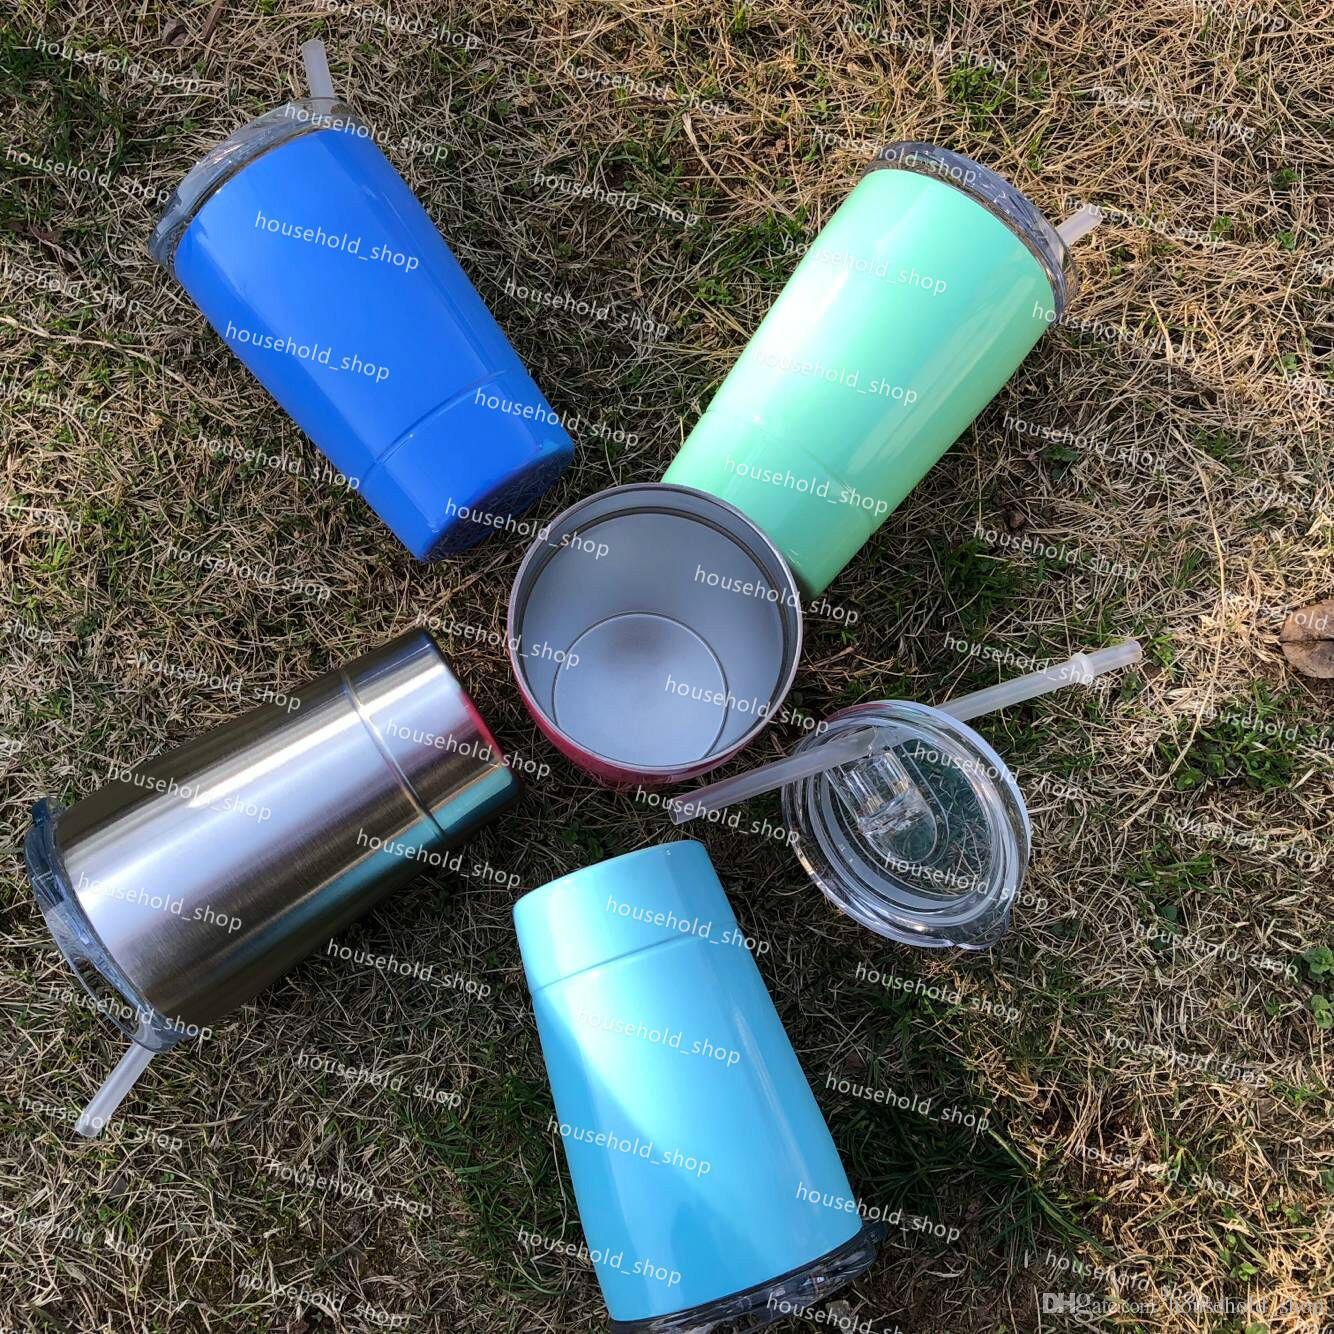 12 oz Canecas de Aço Inoxidável Copo de Vinho Caneca Stemless Com Tampas de Palha 5 cores Adultos Crianças Drinkware Copos de parede Dupla